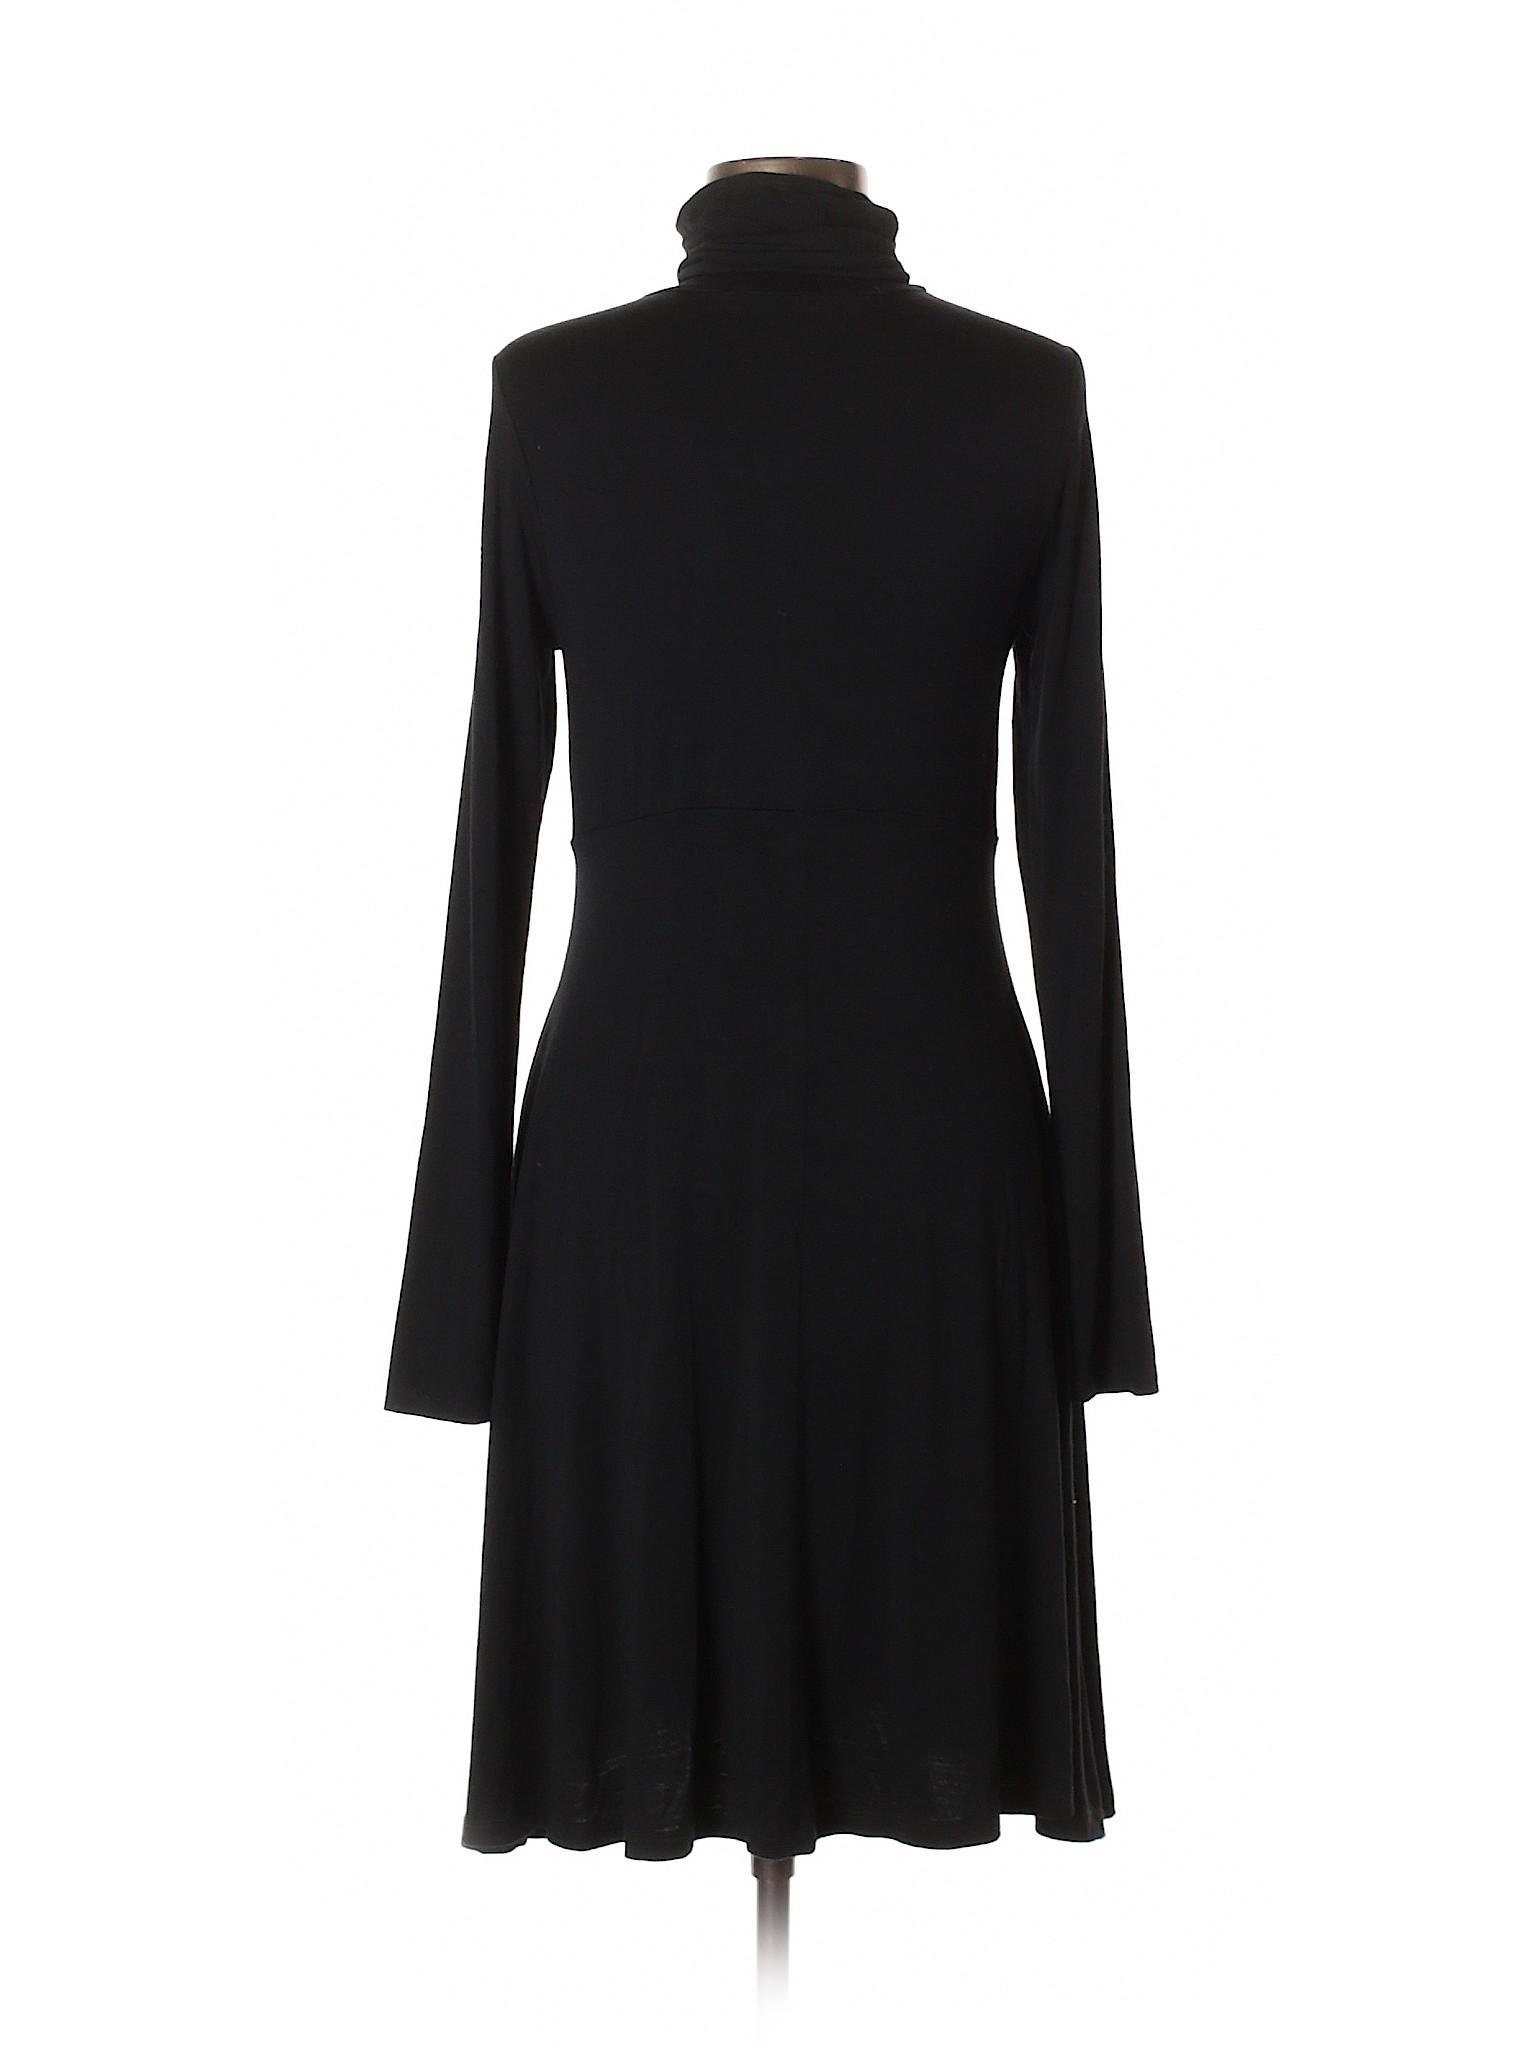 Selling Kane Selling Dress Karen Kane Casual Karen Dress Casual wZBy7R